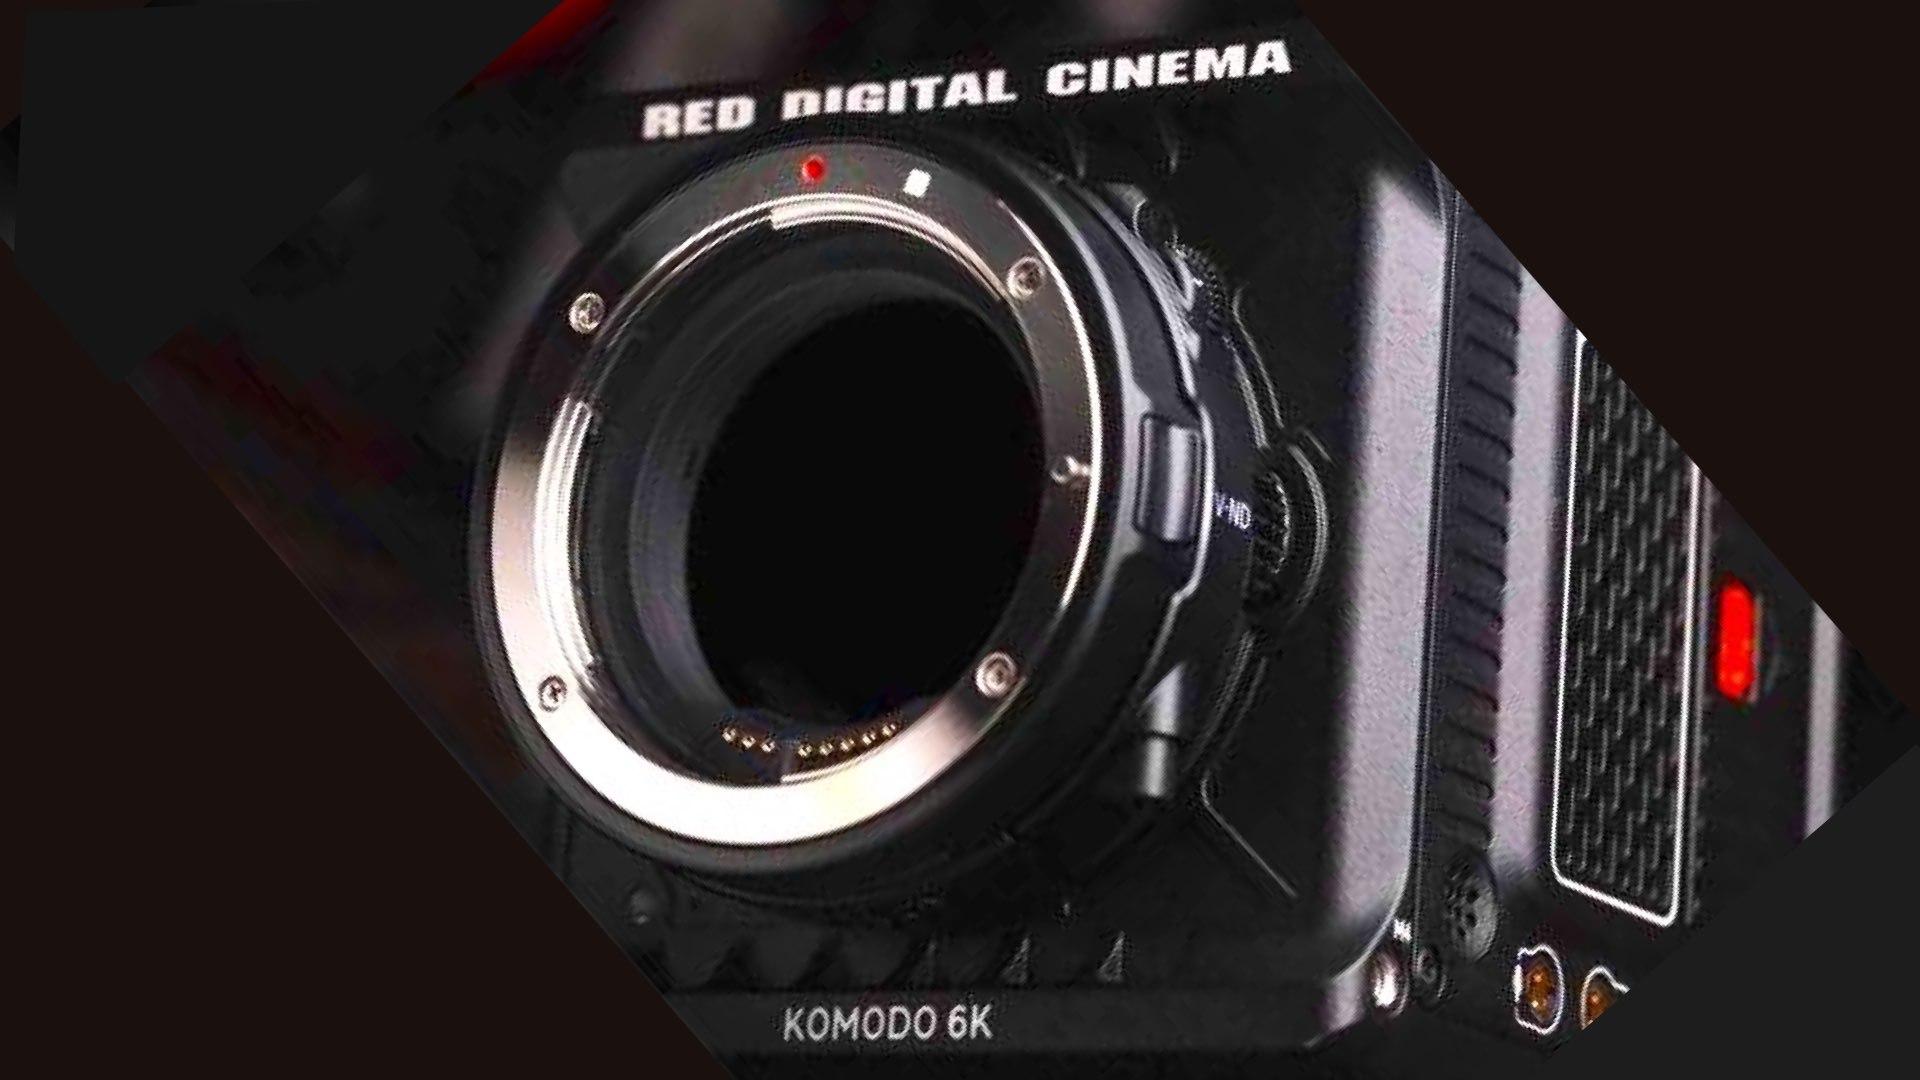 RED Komodo 6K Cine Camera